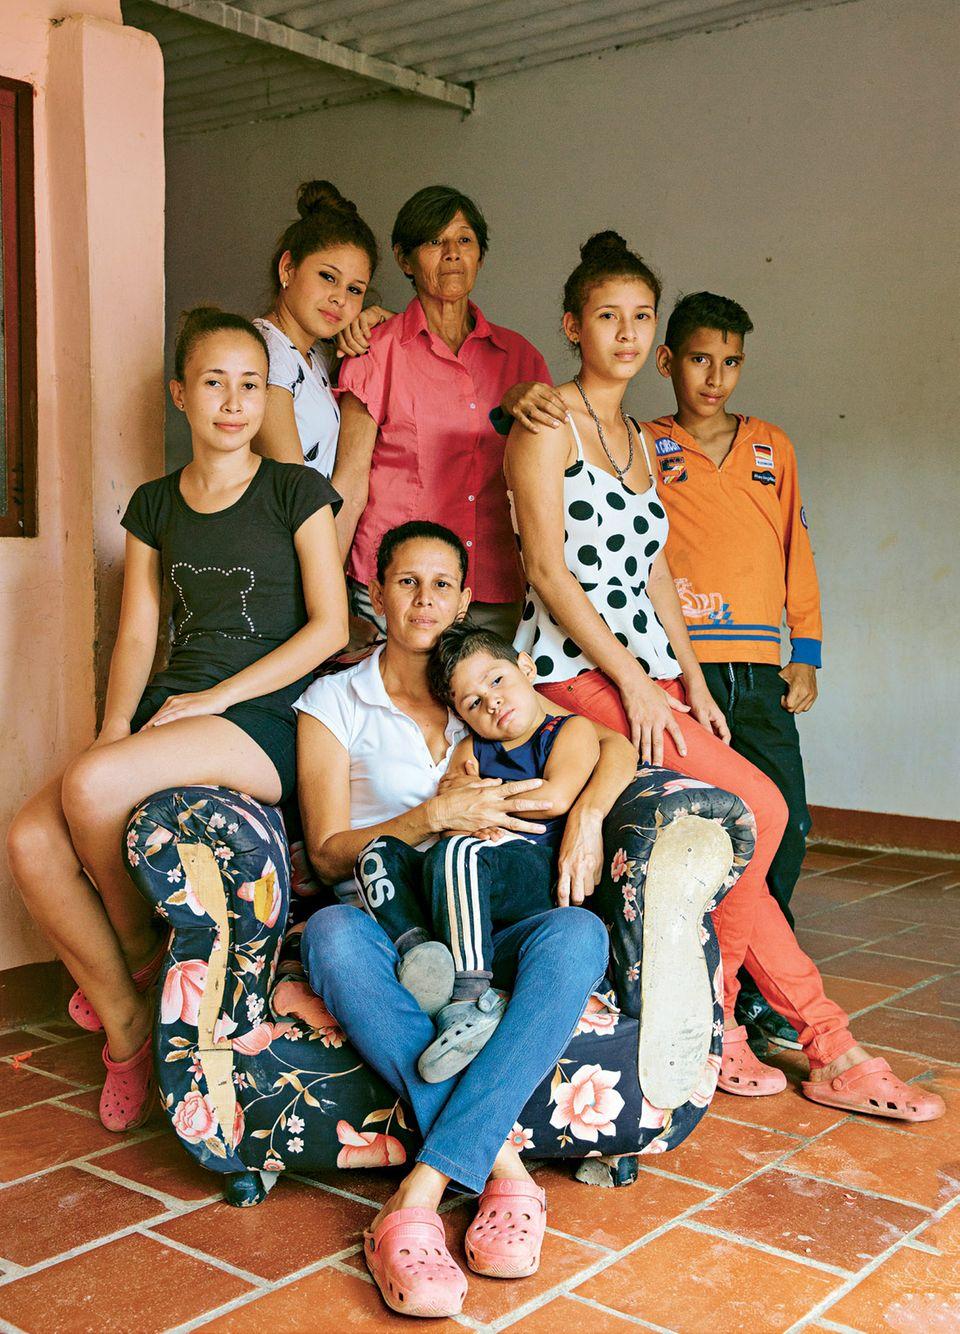 Venezuela-Flüchtlinge: Das müssen die Frauen durchleben: Familie mit Nachbarskind